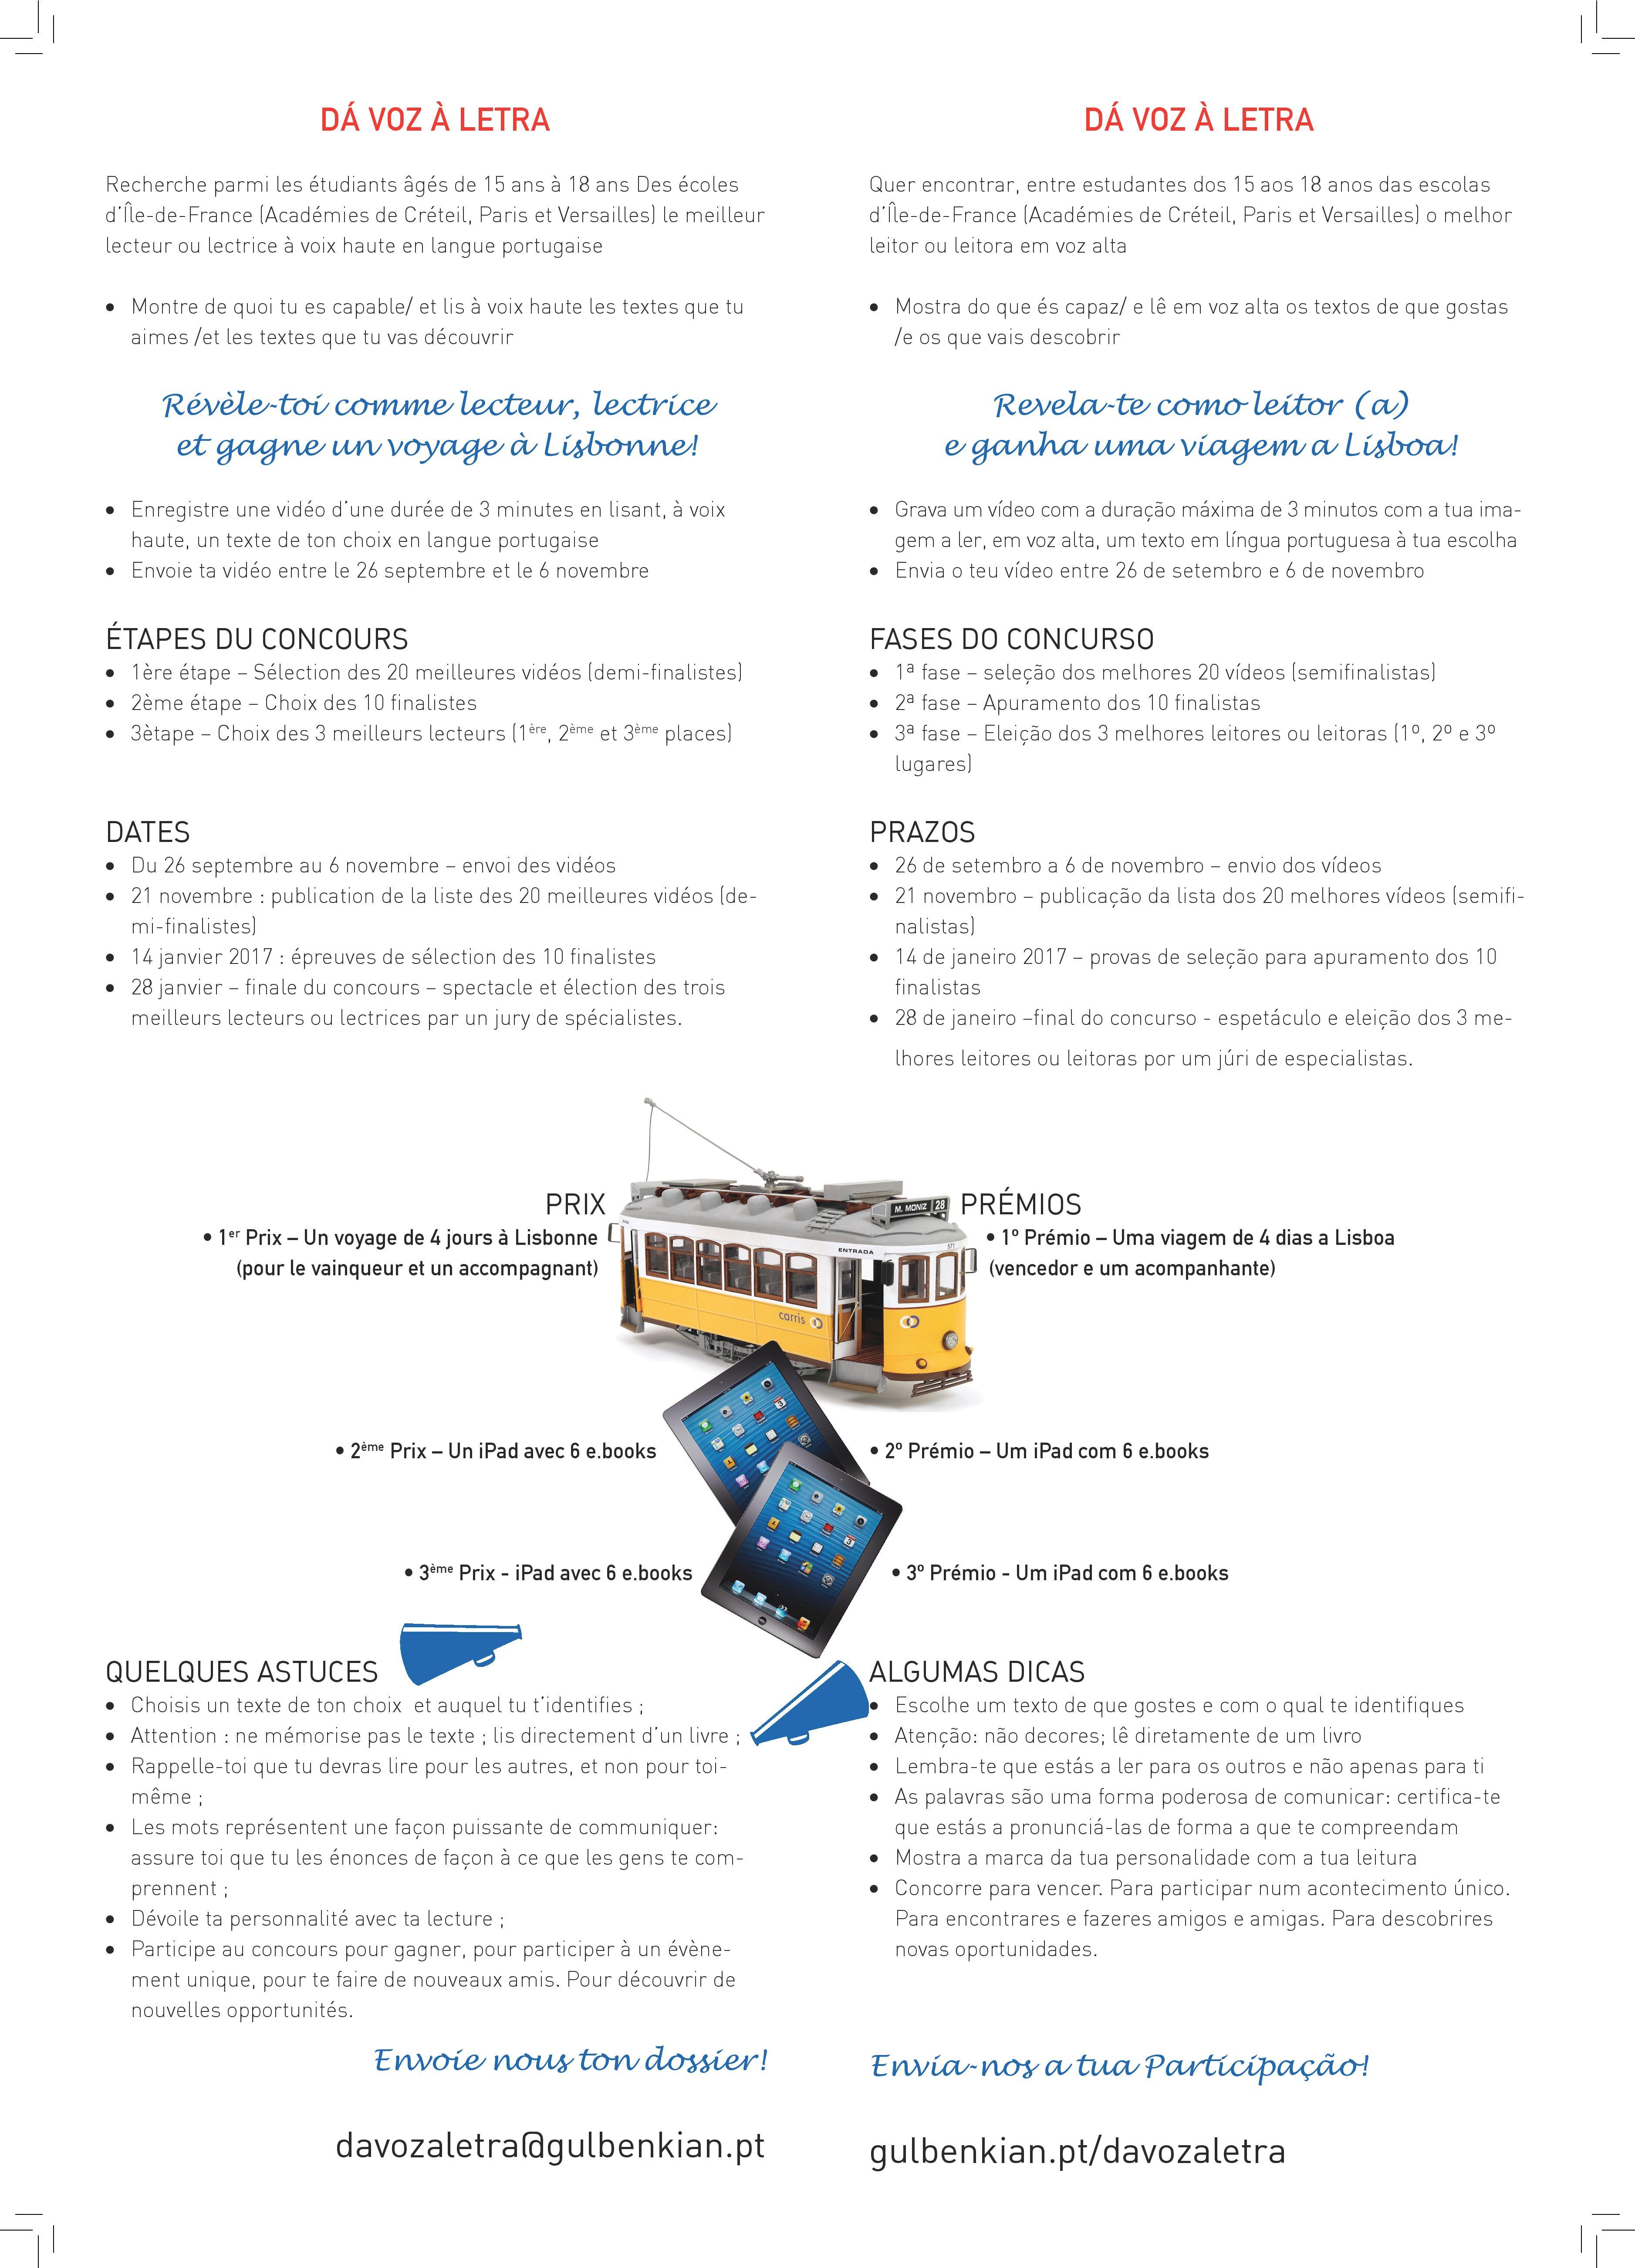 cartaz-a3-28a-29-page-002